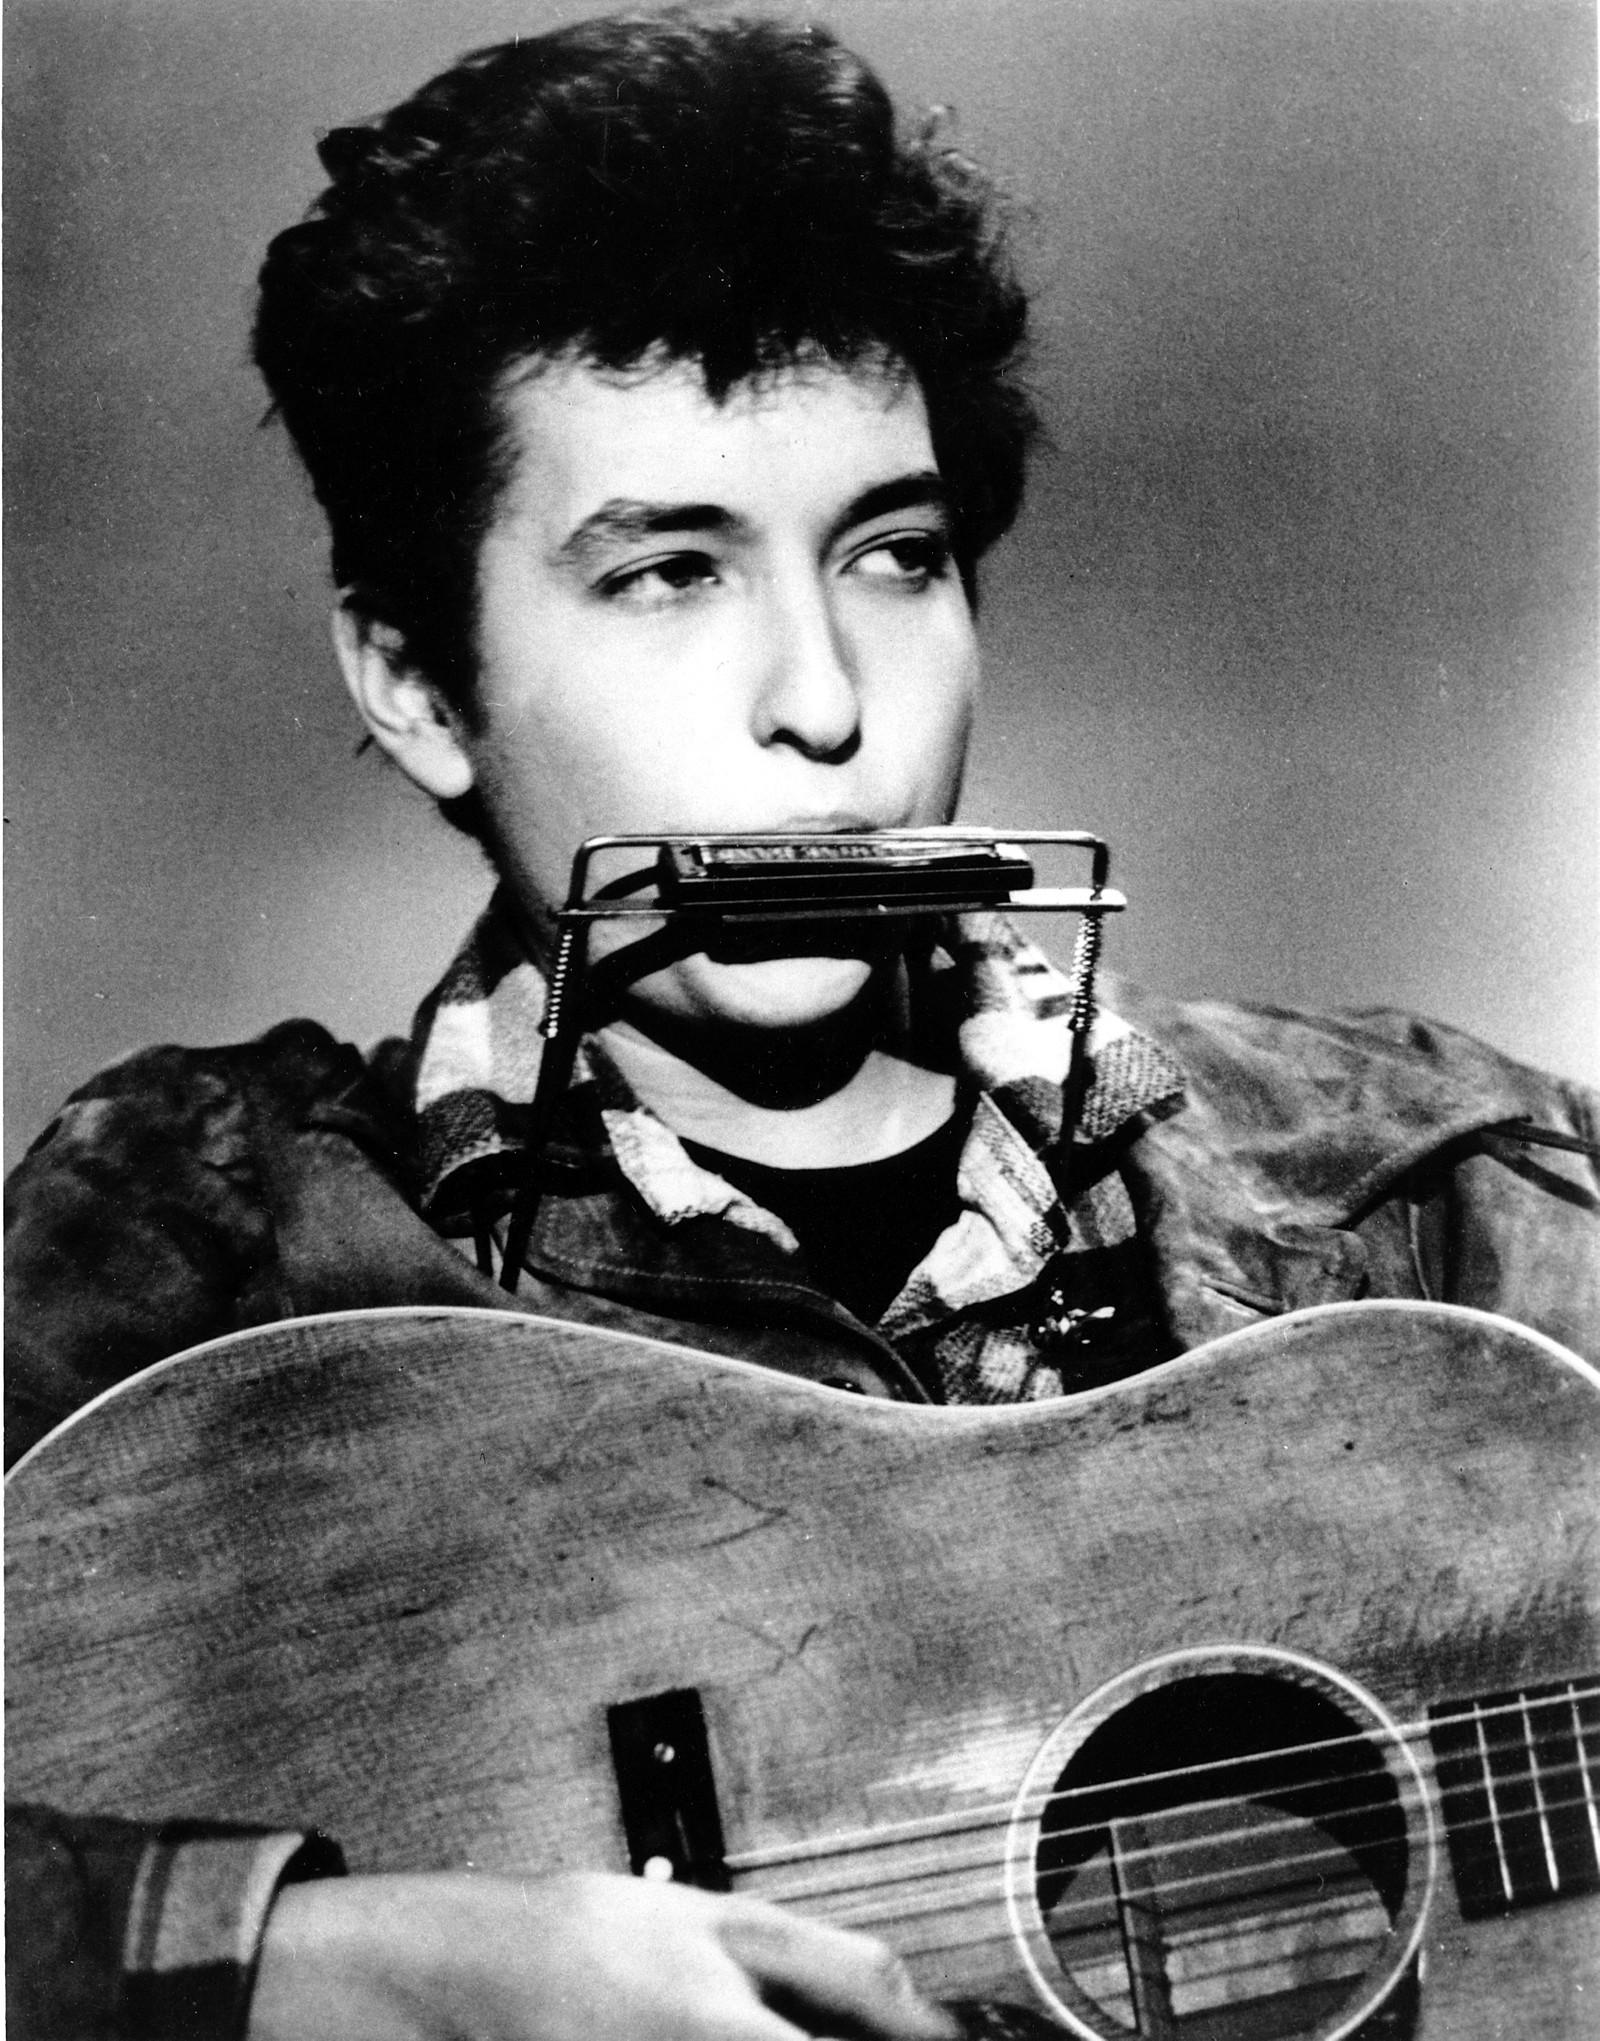 Dylan i sine yngre dager, her fra 1963 - samme år som han slapp andrealbumet The Freewheelin' Bob Dylan.